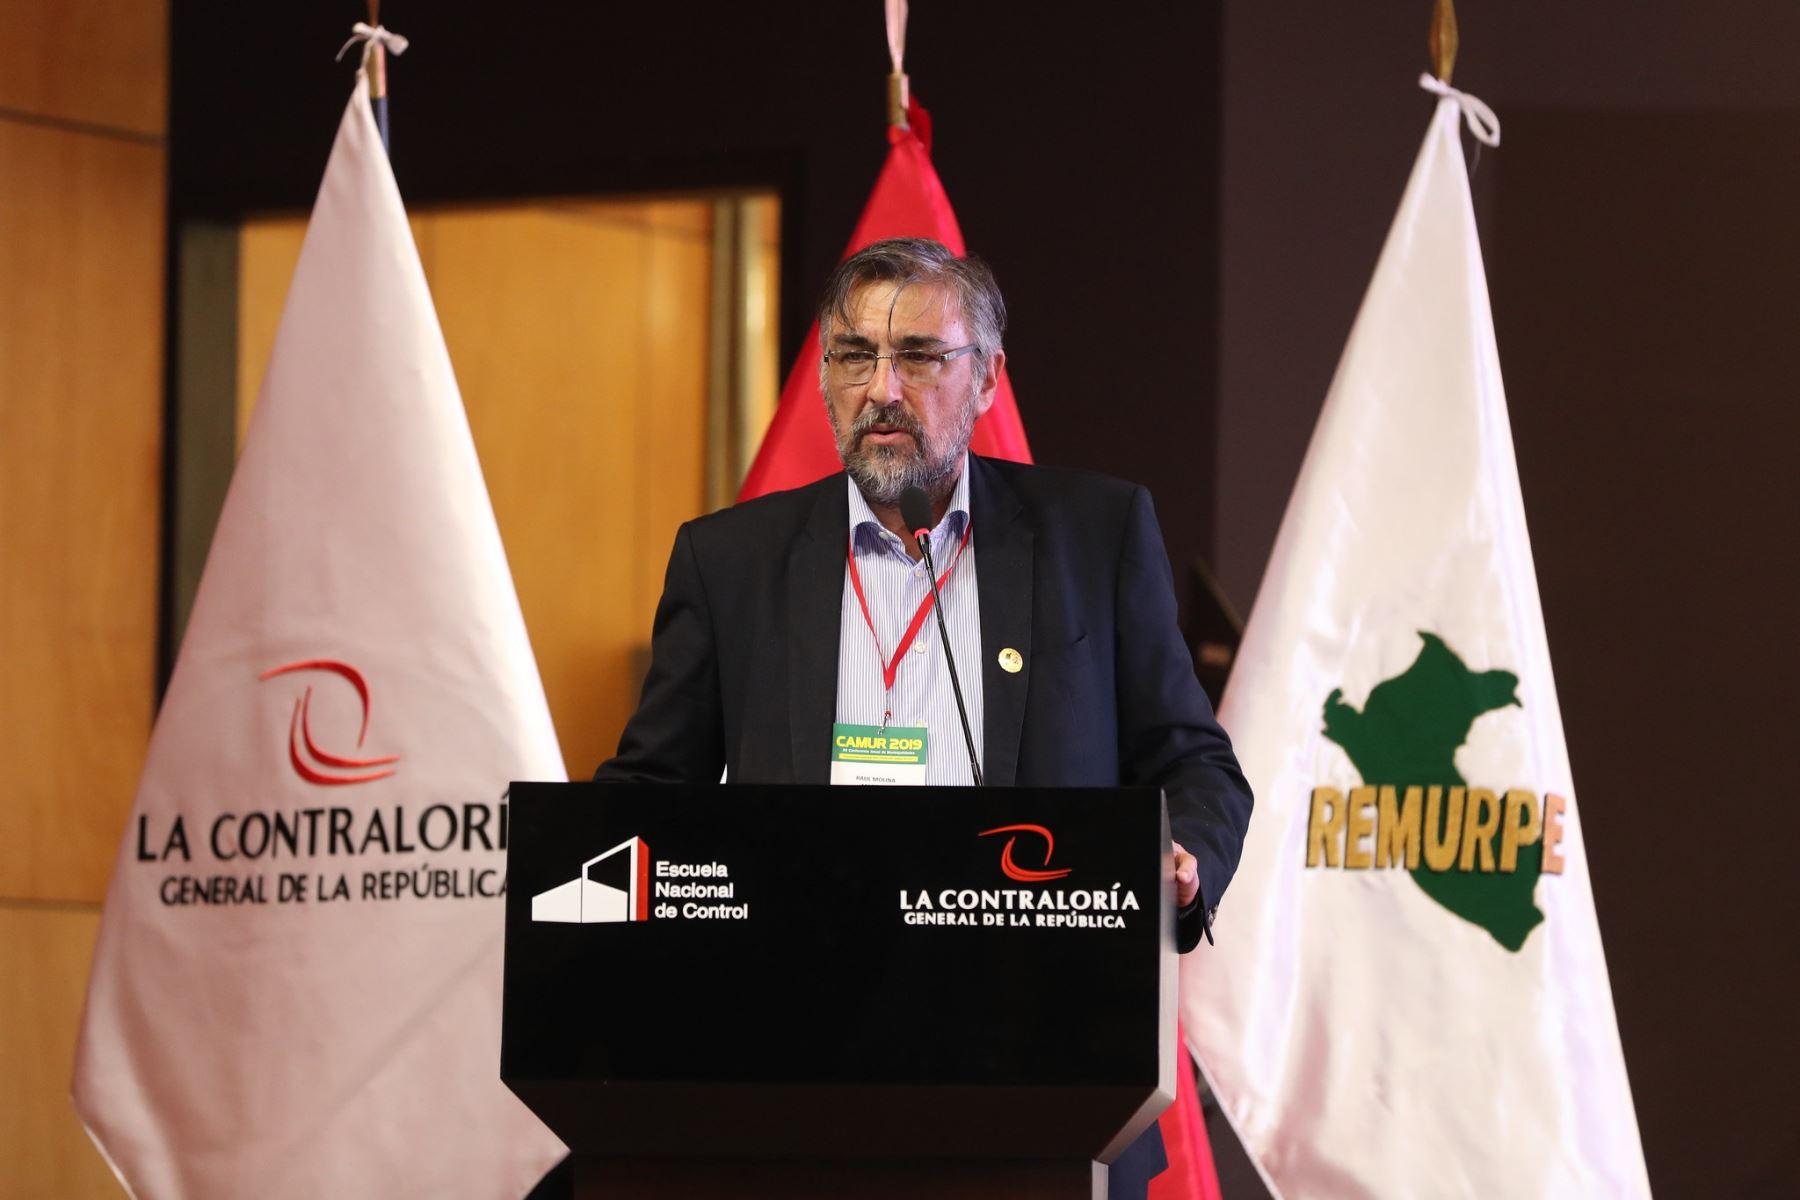 Viceministro de Gobernanza Territorial de la Presidencia del Consejo de Ministros (PCM), Raúl Molina Martínez,